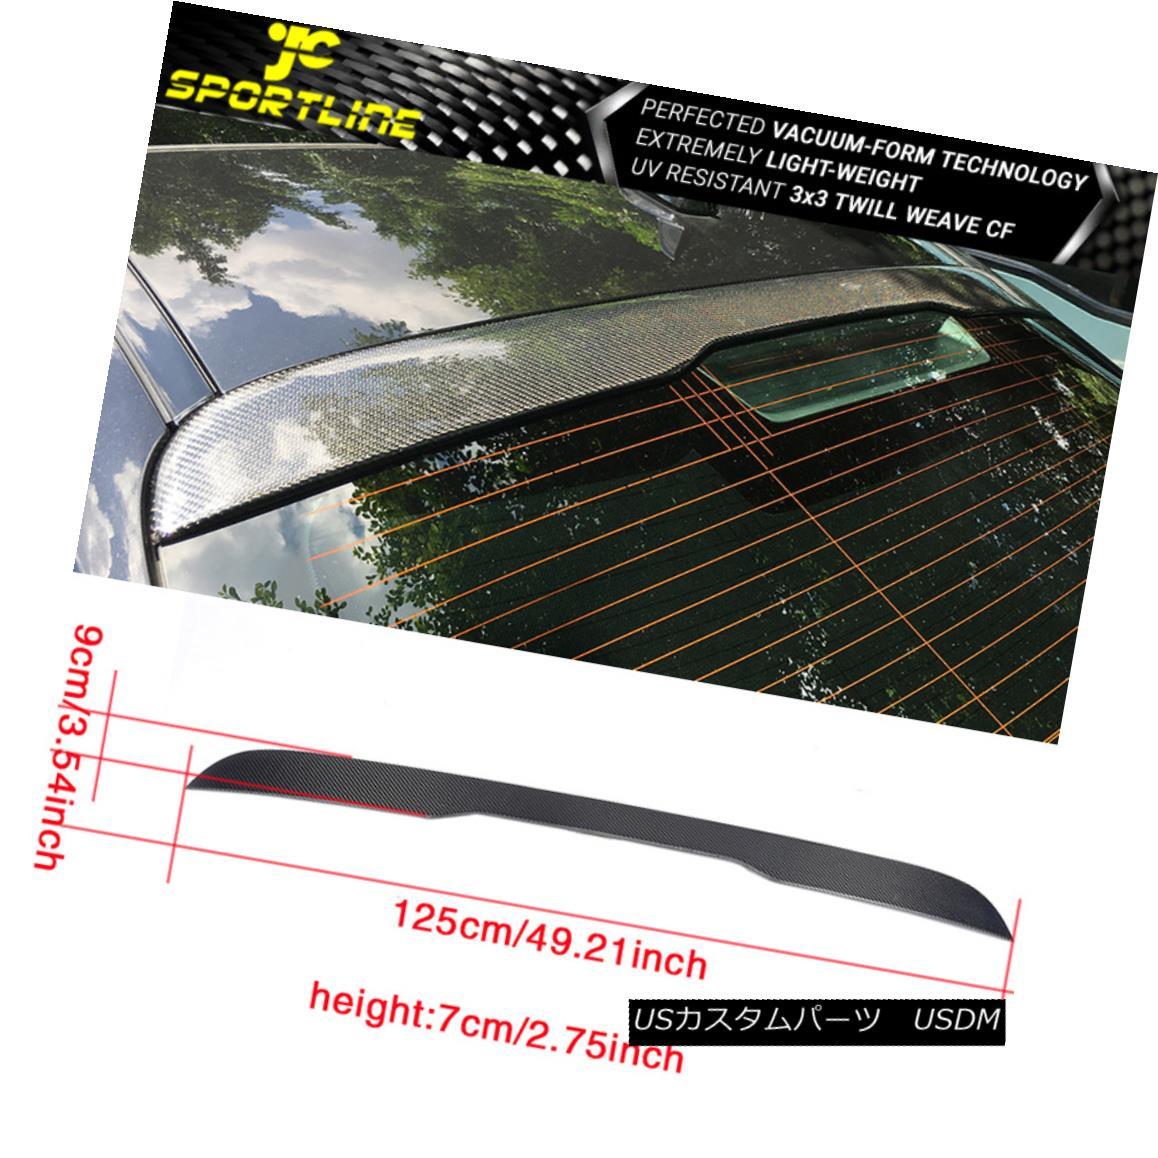 エアロパーツ Fits 14-18 Mercedes-Benz W222 S400 S65 AMG Rear Roof Spoiler Wing Carbon Fiber フィット14-18メルセデスベンツW222 S400 S65 AMGリアルーフスポイラーウィングカーボンファイバー